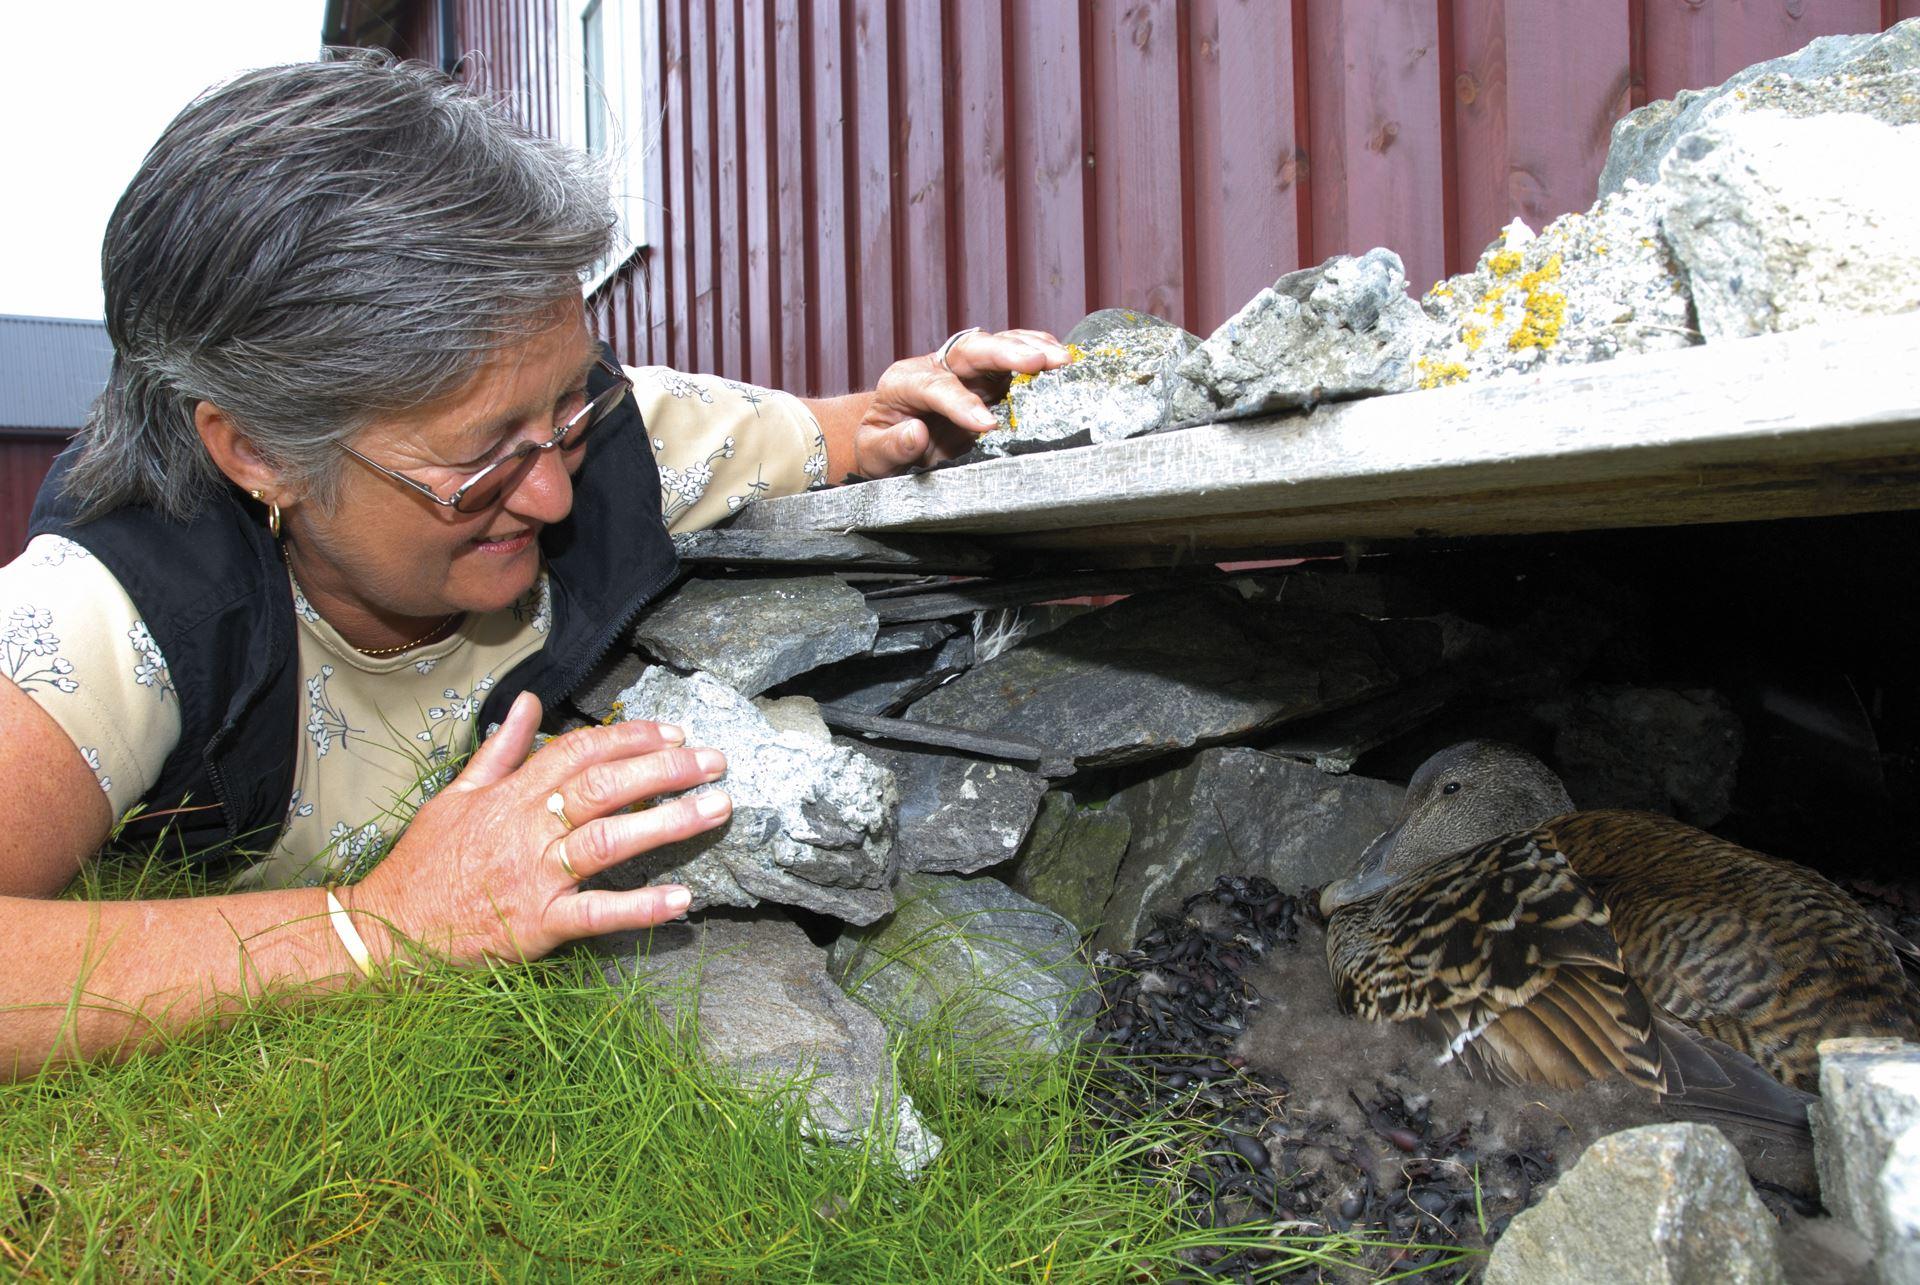 Båttur til Lånan - bli med på unike opplevelser i Vegaøyan Verdensarvområde